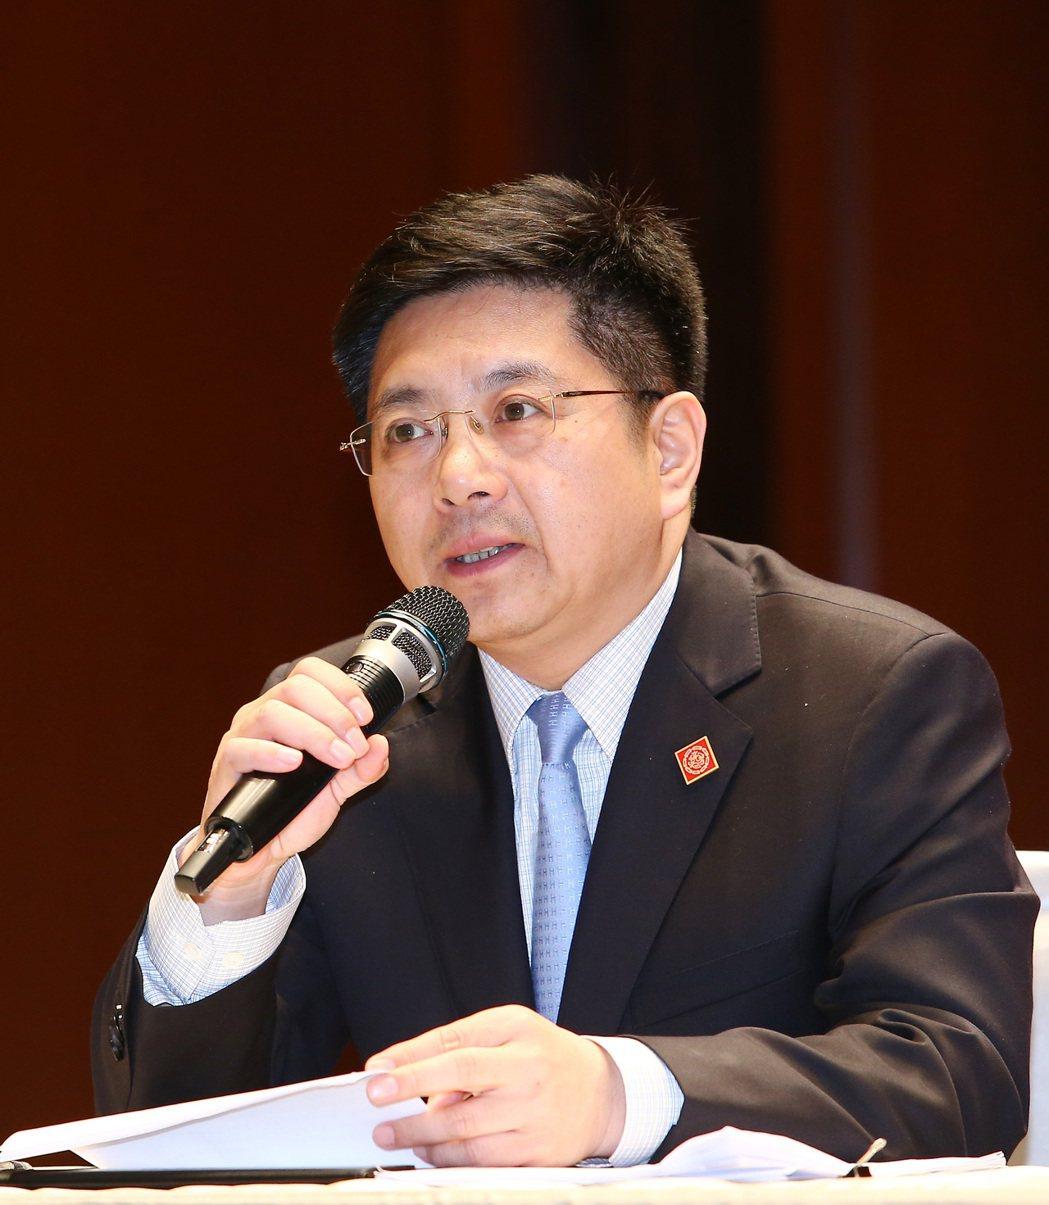 國台辦新聞局長兼發言人馬曉光在2015年5月第三次「夏張會」後舉行記者會。 圖/...